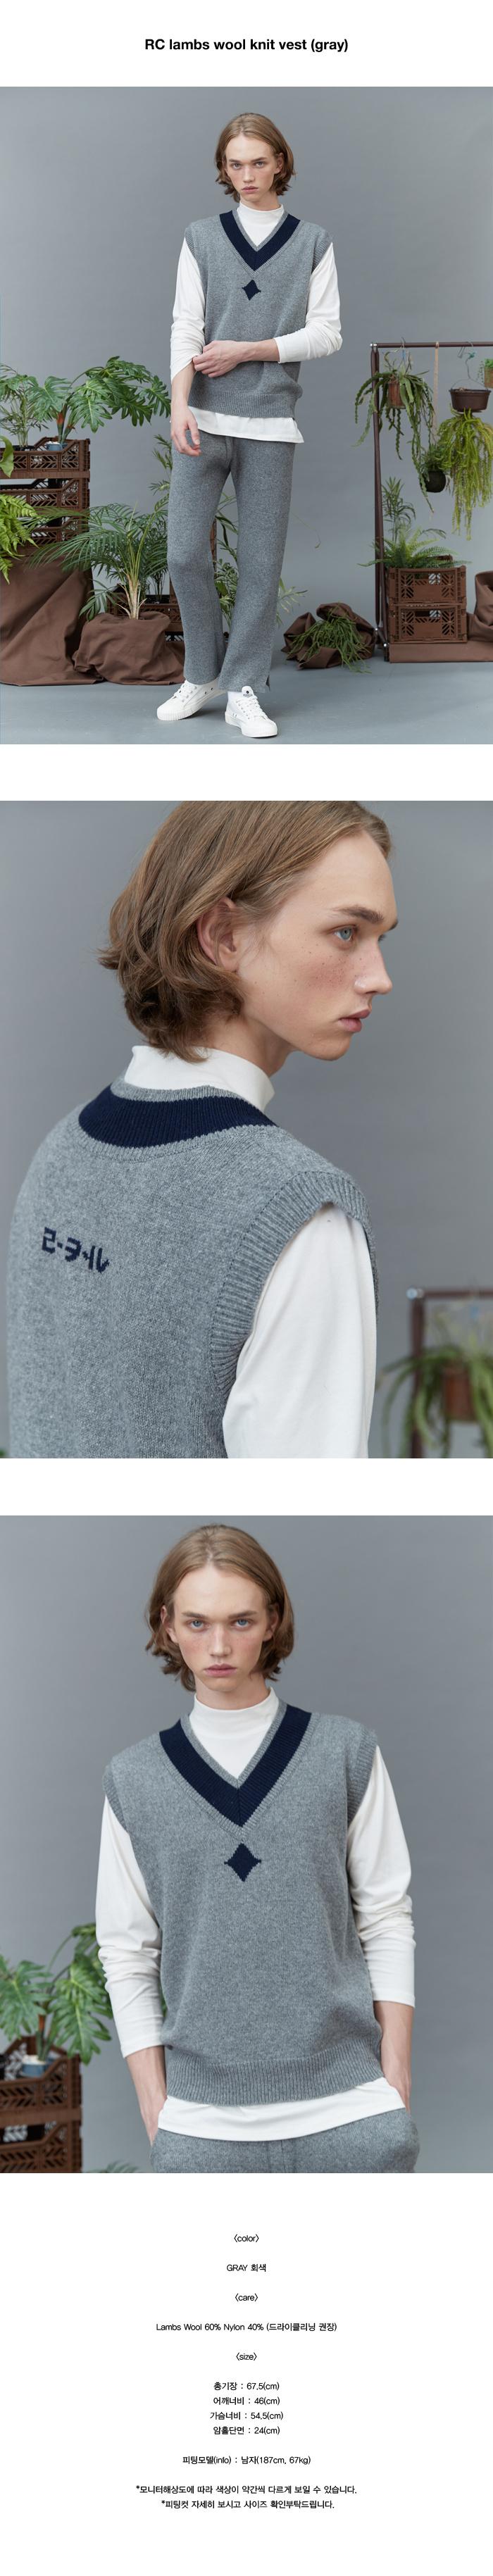 리플레이컨테이너(REPLAY CONTAINER) RC lambs wool knit vest (gray)